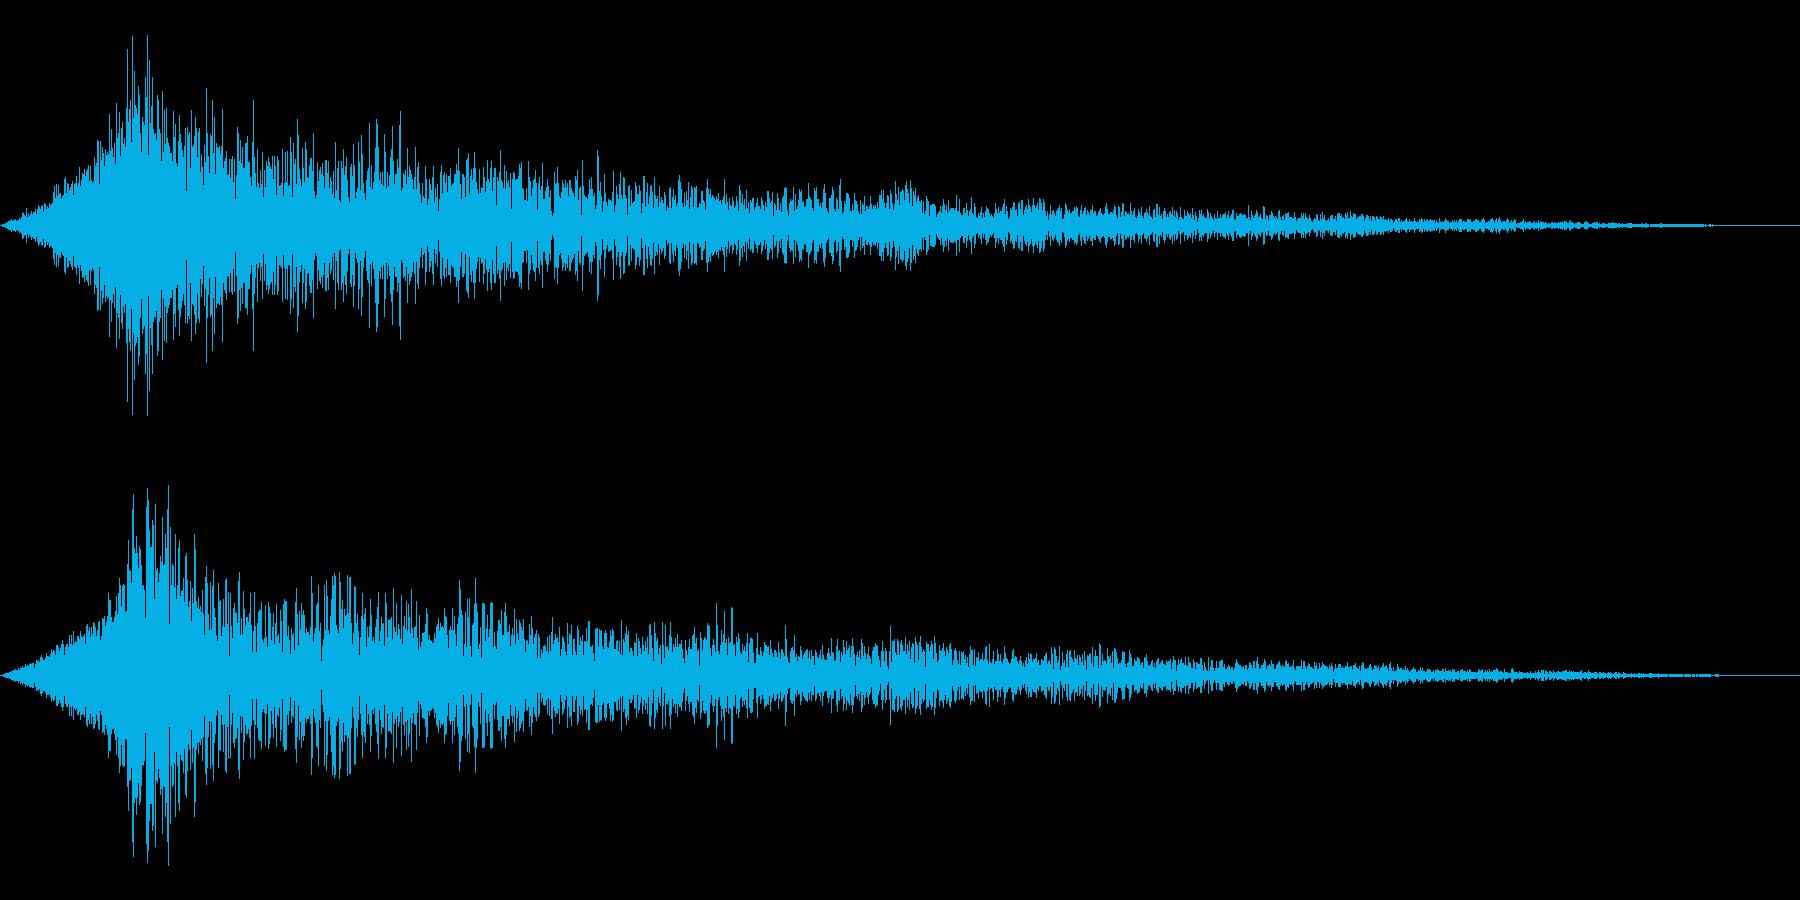 ホラー系アタック音115の再生済みの波形